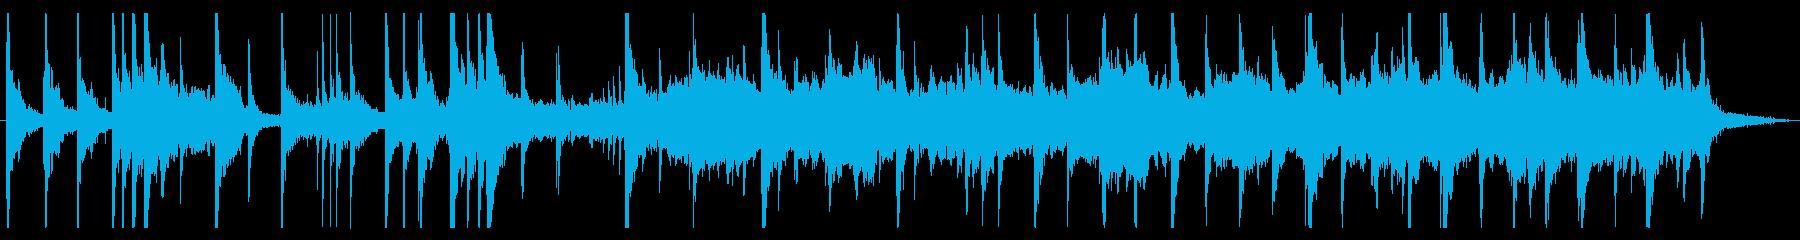 純和風リアル系の再生済みの波形